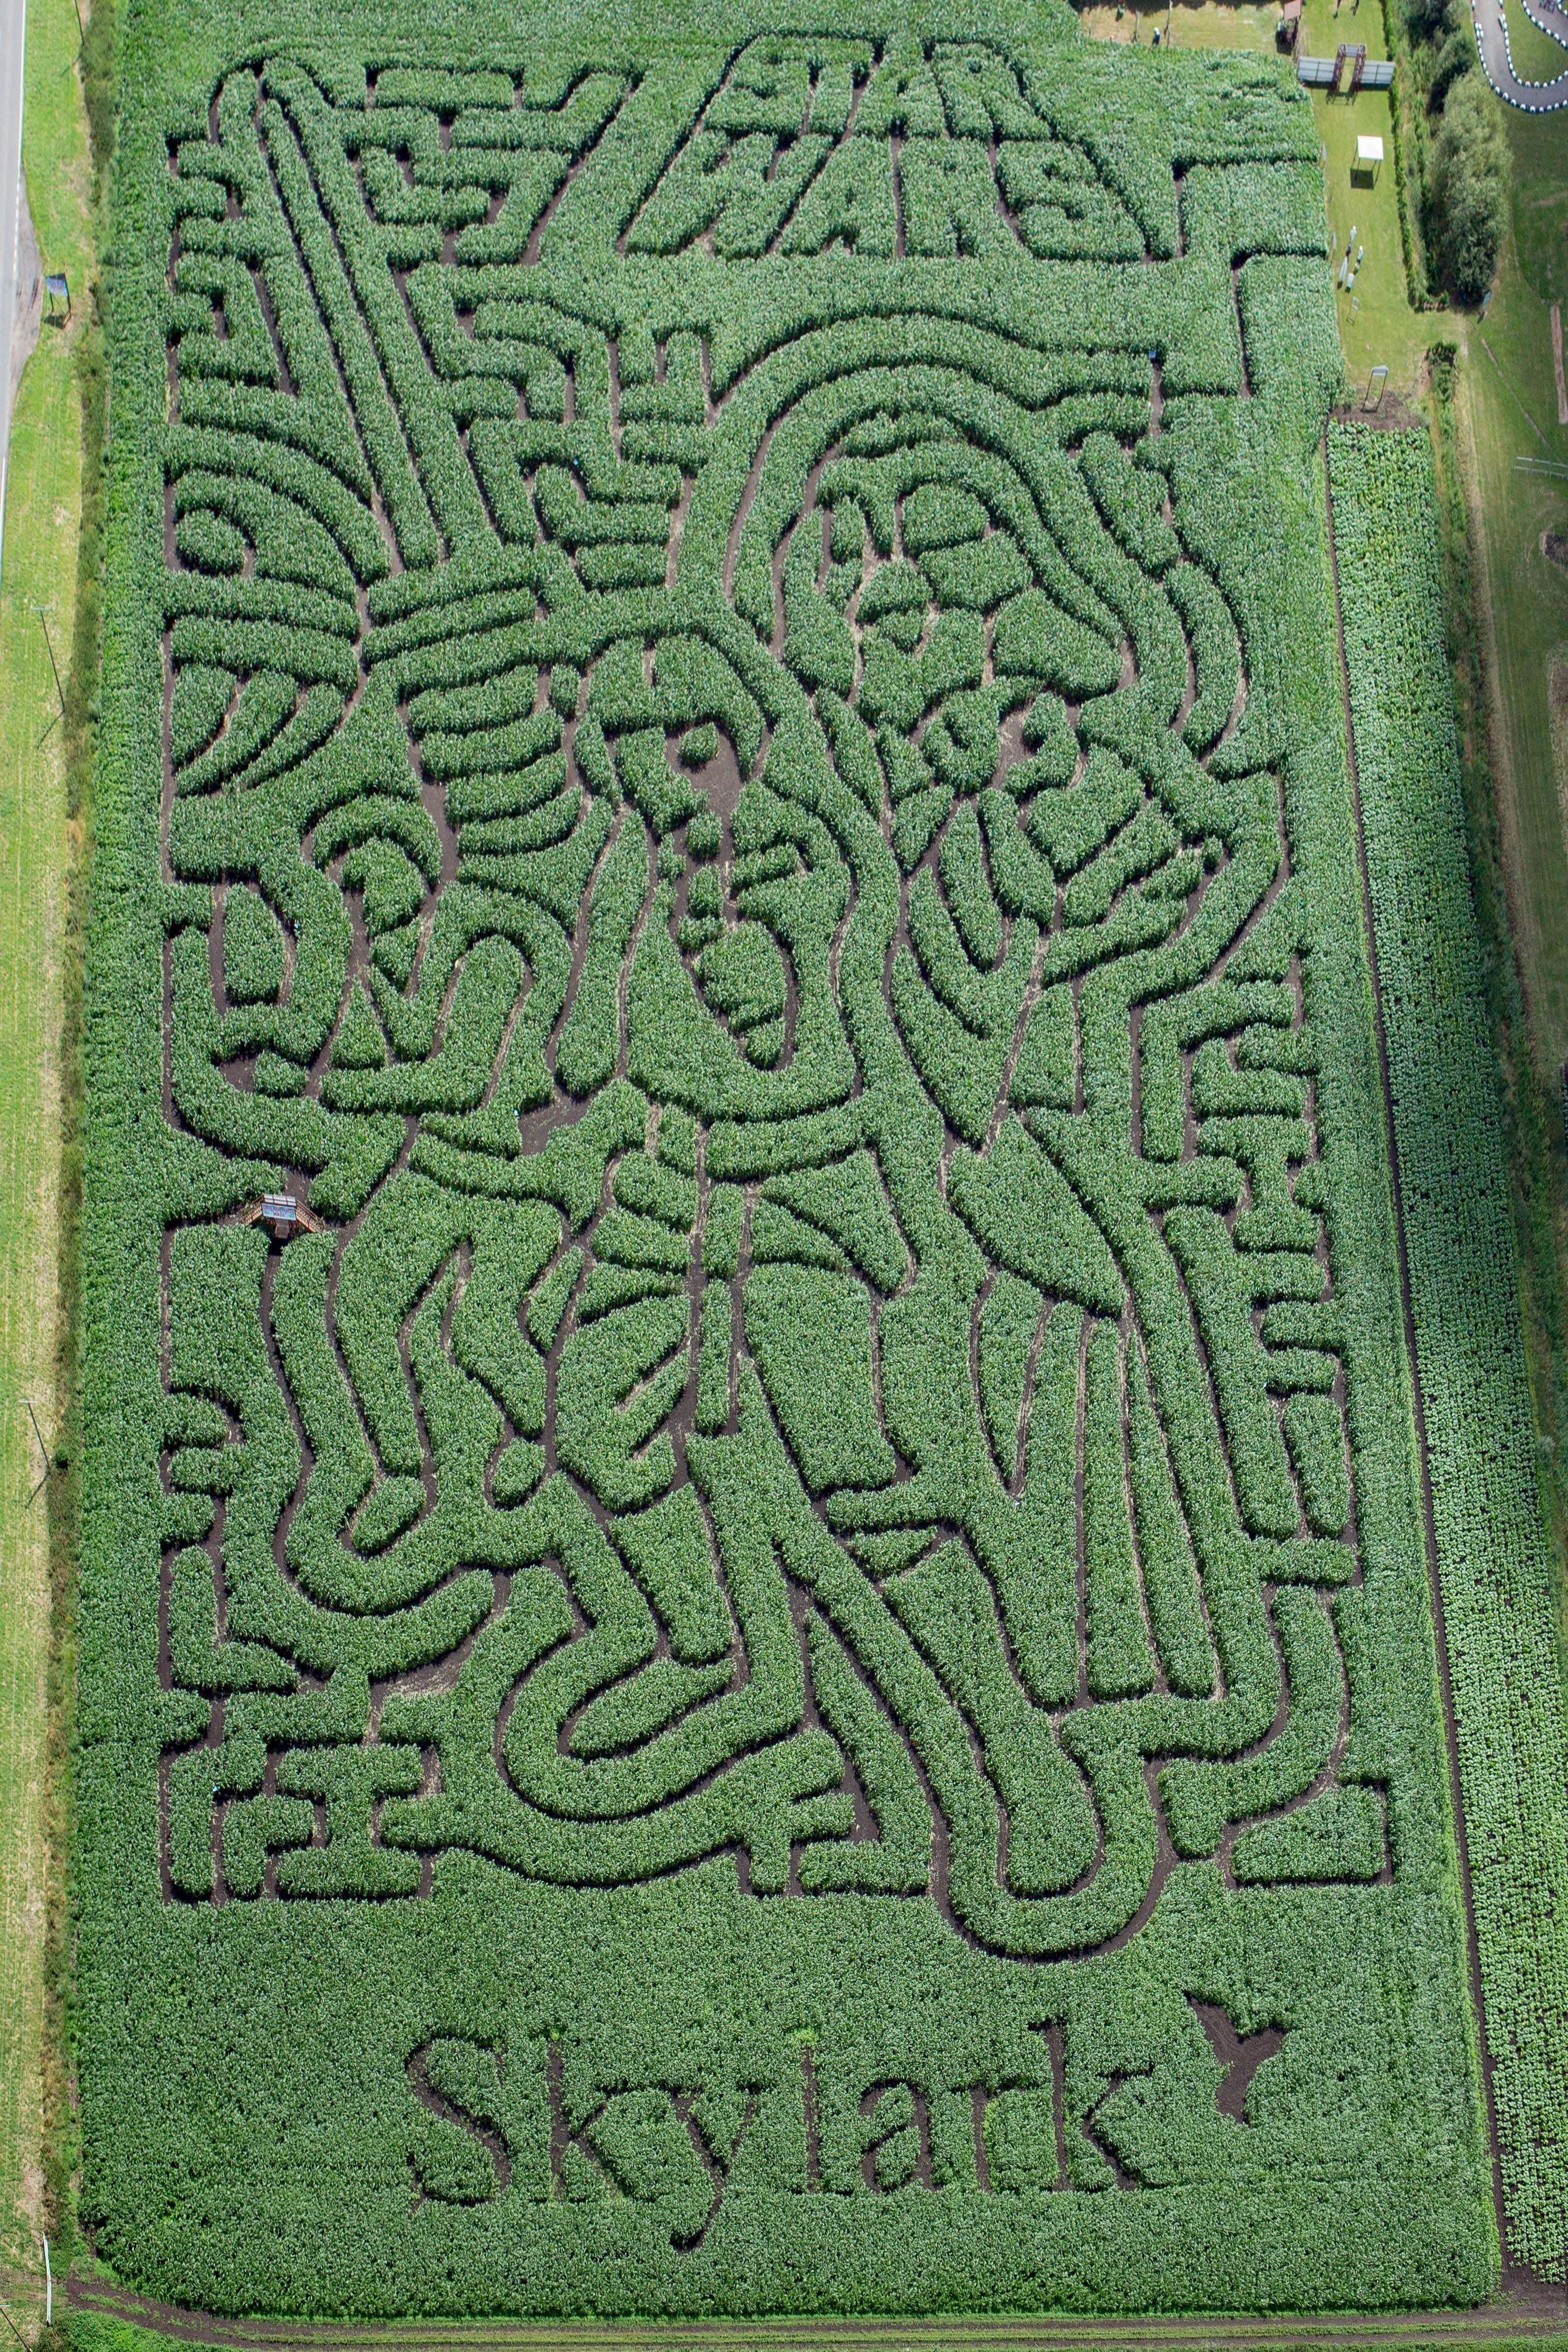 Aerial shot of Skylark Maize Maize